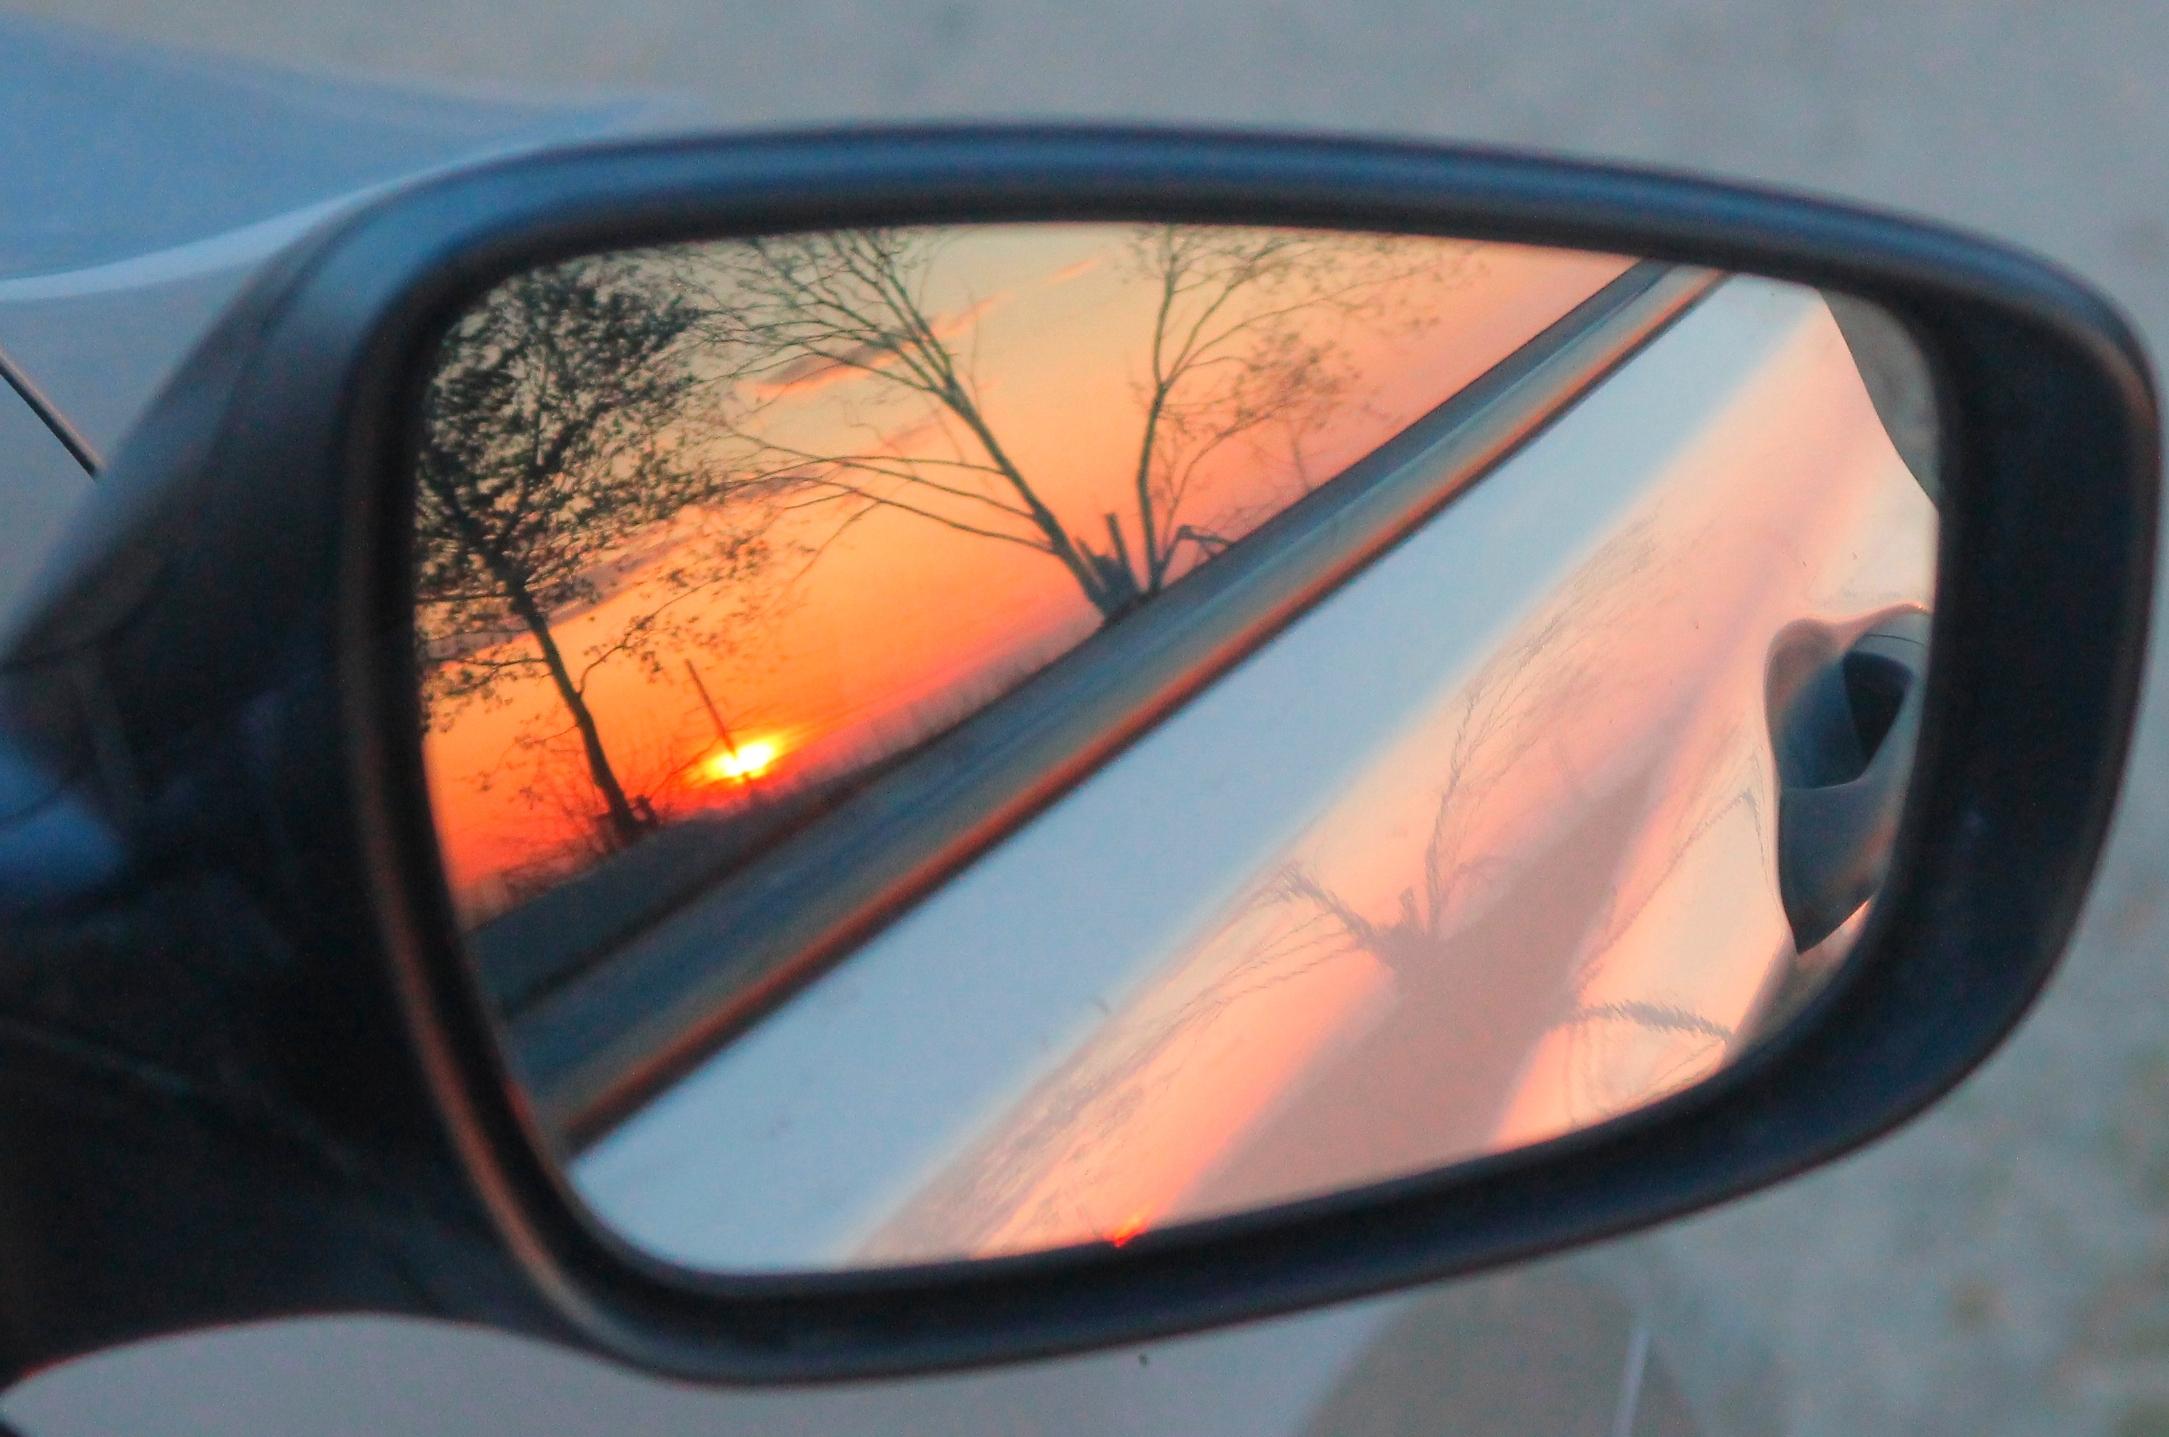 Шубы и солнечные очки: морозная и безоблачная погода пришла в Екатеринбург до понедельника